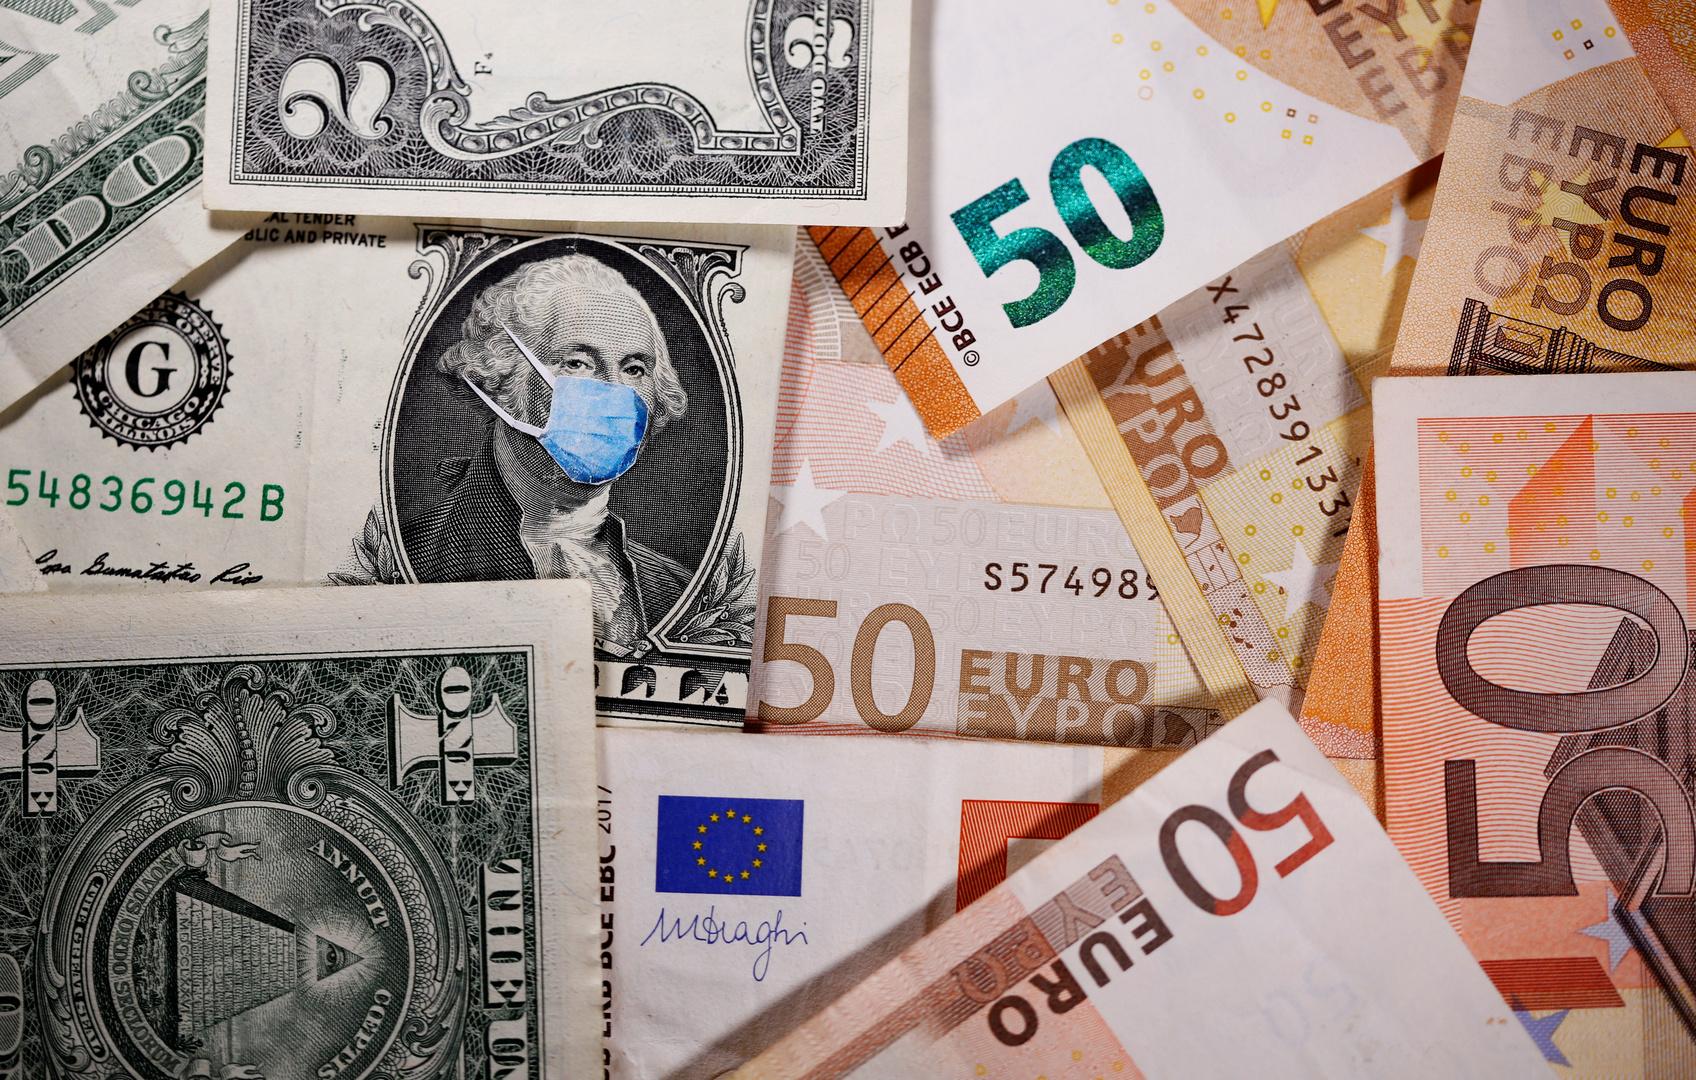 منطقة اليورو تواجه أزمة اقتصادية كبيرة بعد أسوأ ربع سنوي لها على الإطلاق